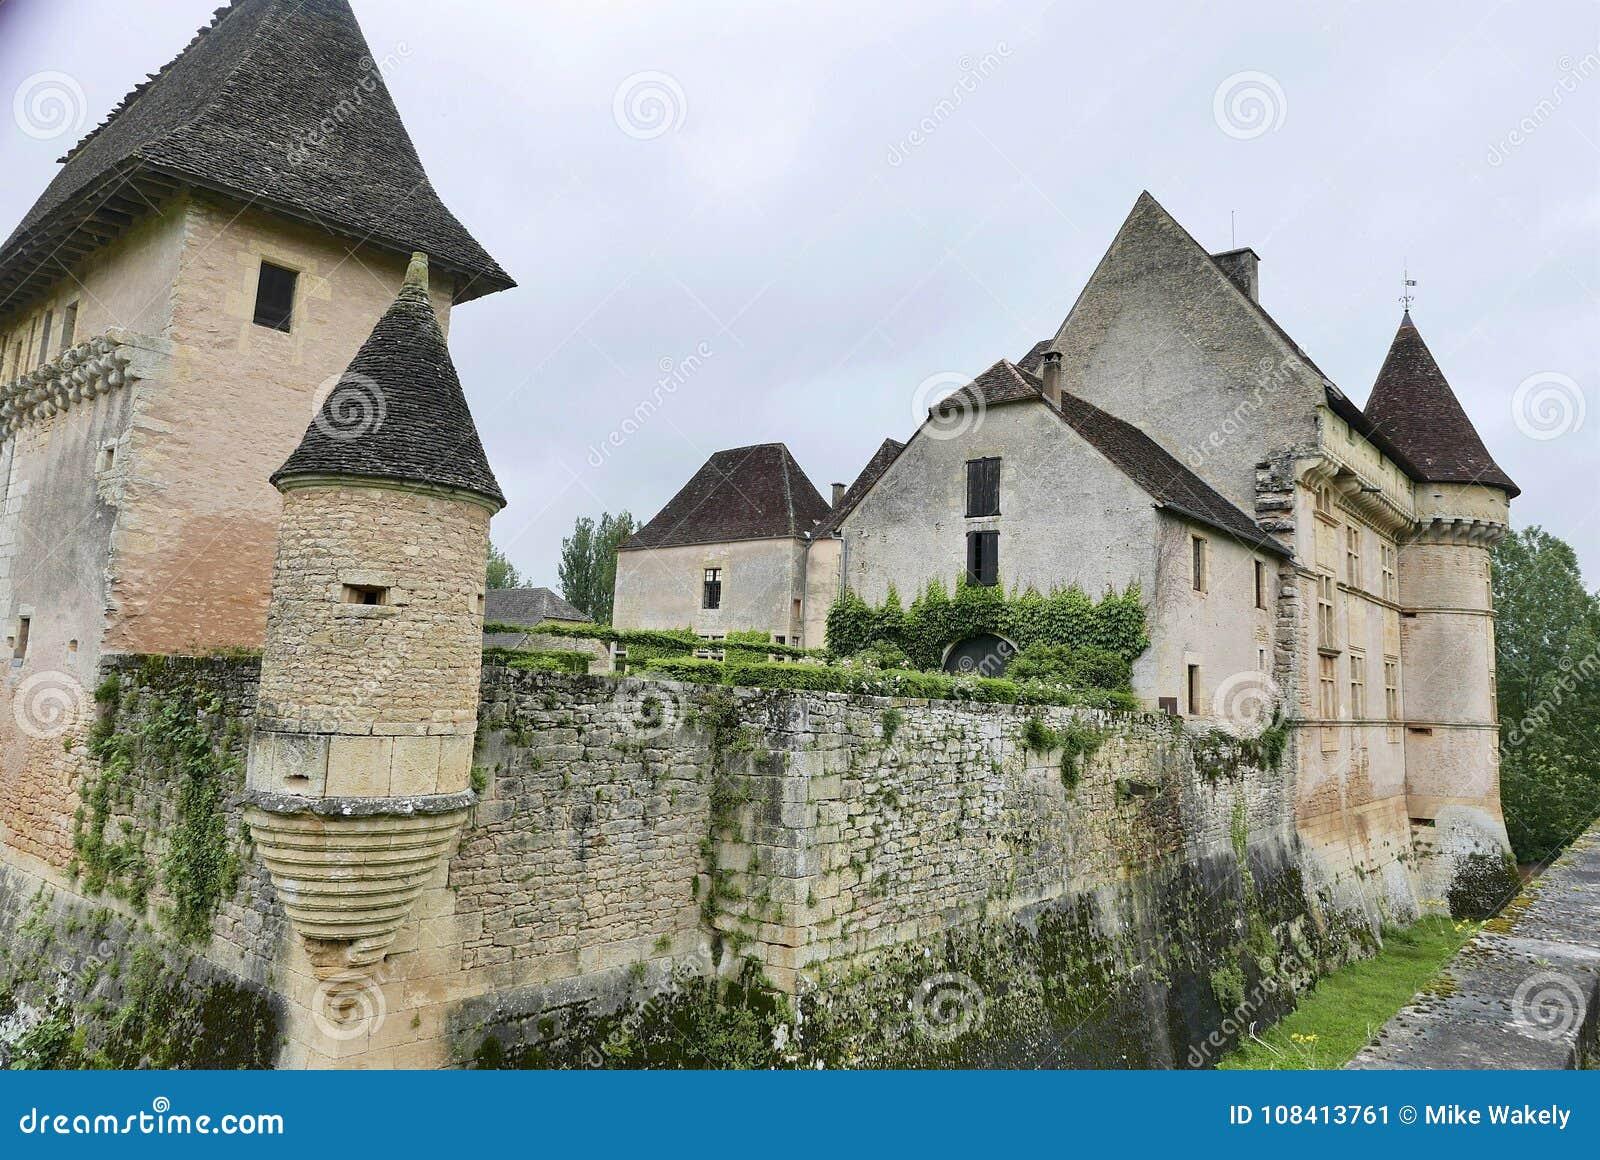 Chateau de Losse at Thonac in the Dordogne